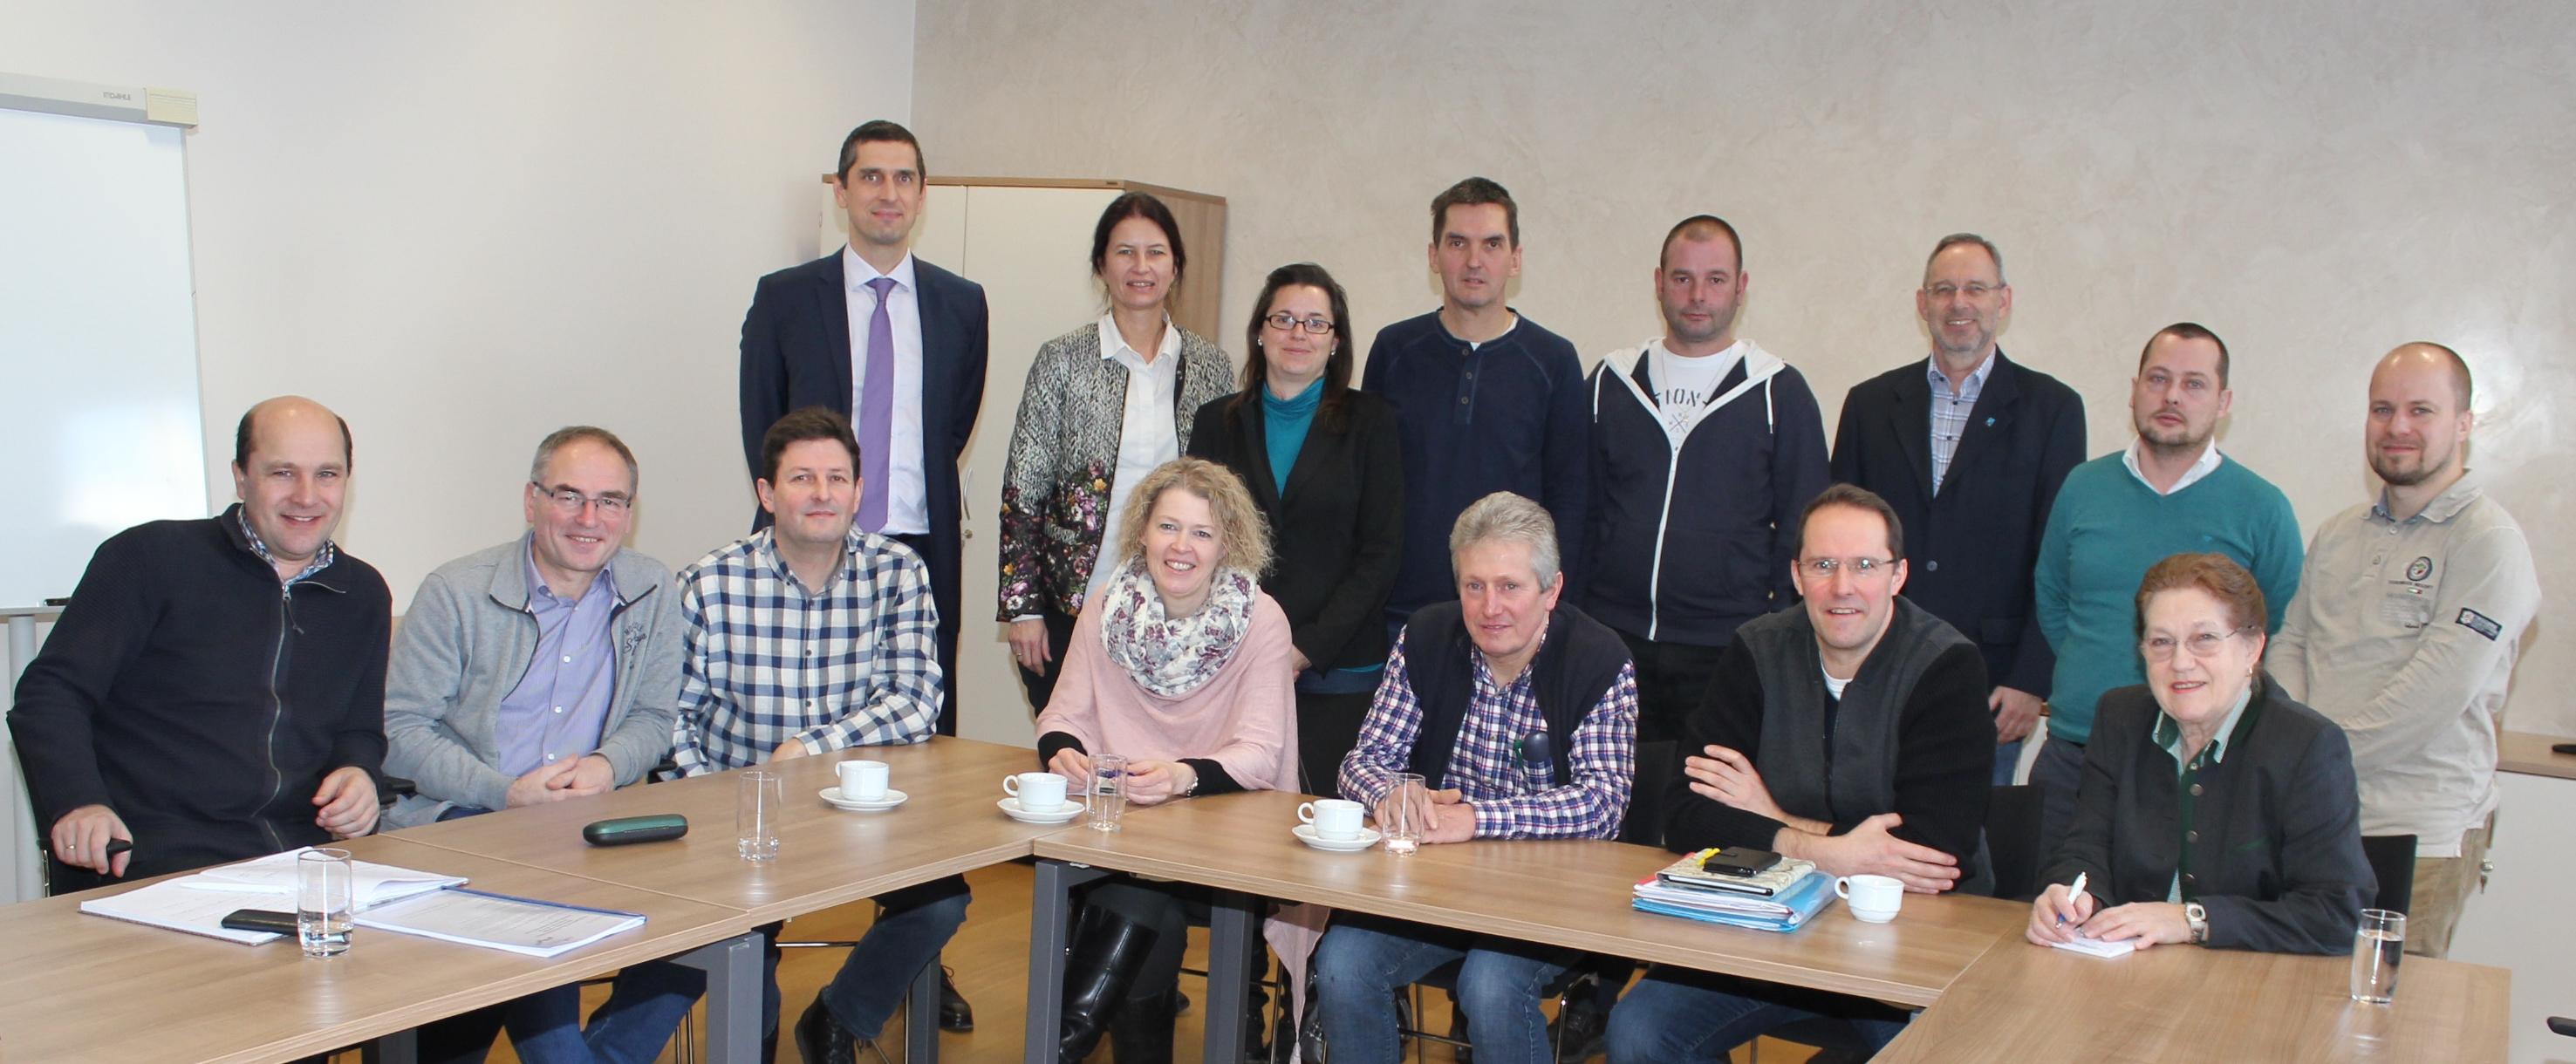 vorne: Bgm. Johannes Pressl, Josef Ströbitzer (Neuhofen/Ybbs), Josef Zehetgruber (Neuhofen/Ybbs), Vizebgm. Sabine Dorner und Josef Kerschbaumer (Winklarn), Markus Brandstetter und Brigitte Kashofer (Amstetten) hinten: Richard Pouzar (Land NÖ), Irene Kerschbaumer und Karin Schildberger (NÖ. Regional.GmbH), Andreas Kloimwieder (Euratsfeld), Hannes Engelscharmüllner (Ferschnitz), Manfred Heigl (Amstetten), Johannes Wischenbart (NÖ.Regional.GmbH), Georg Dorner (Amstetten) Foto: Stadt Amstetten/Elli Stöckl